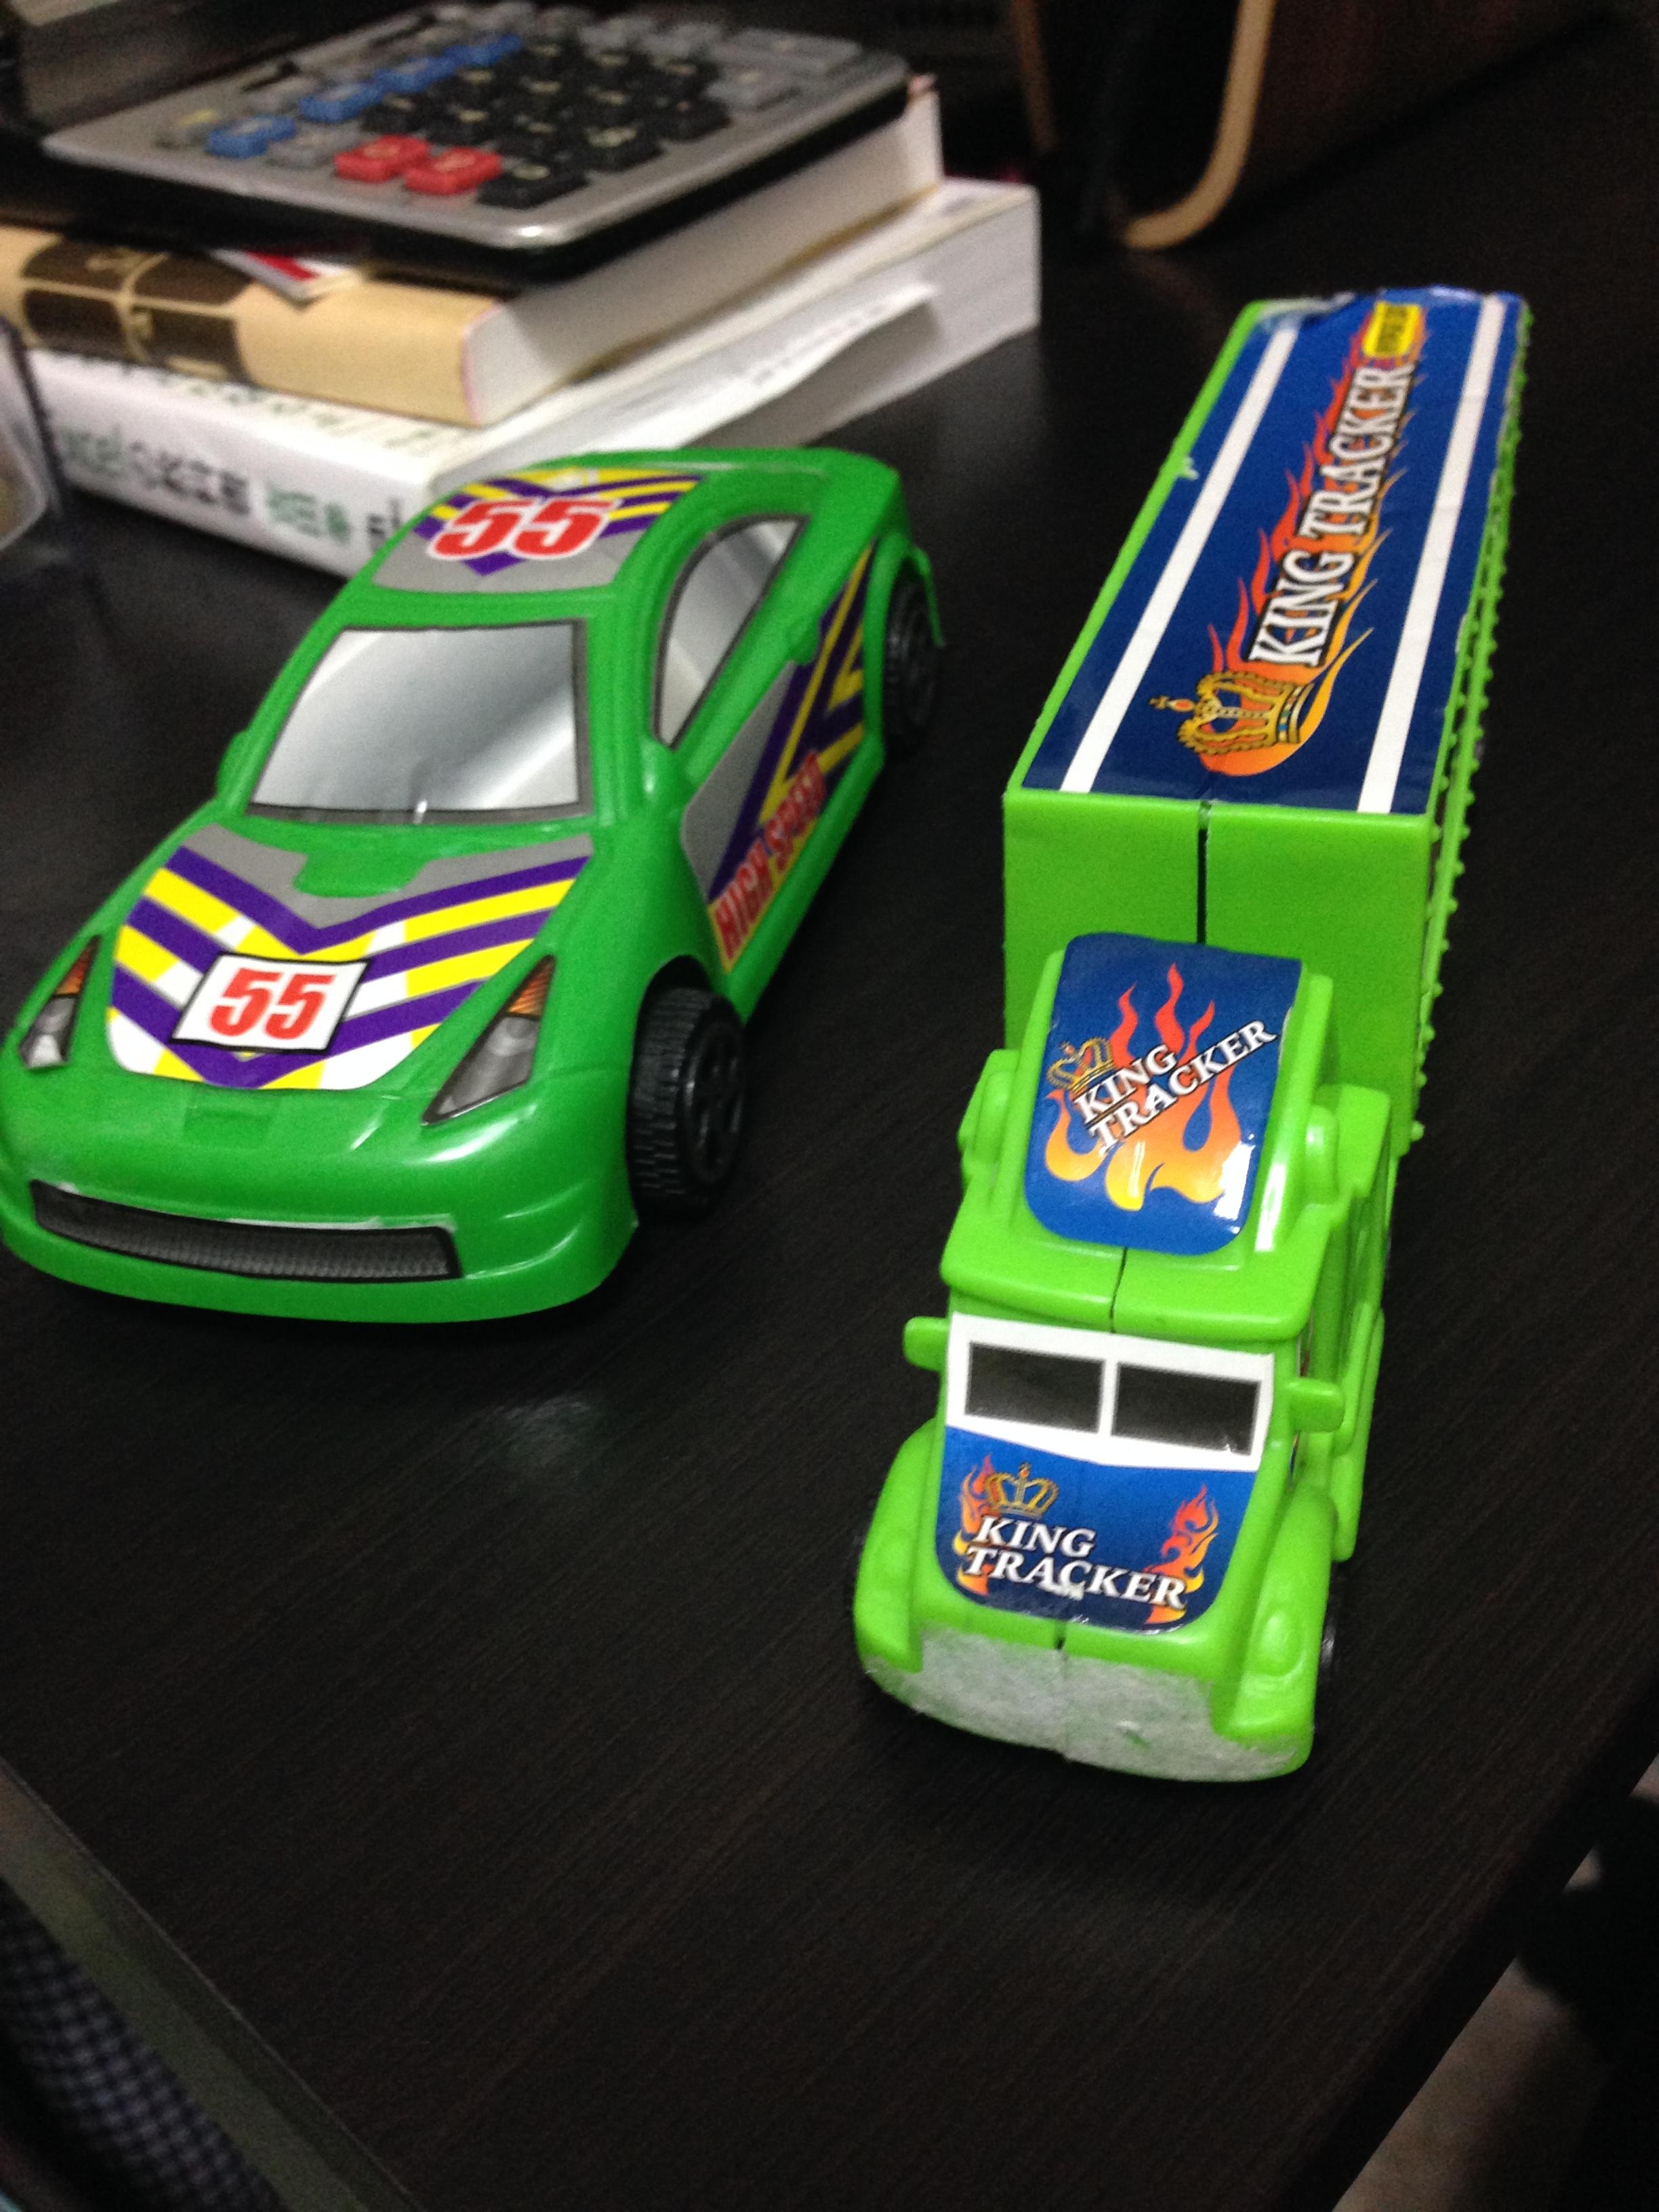 日高屋のお子様セットが安い!190円でジュース、おもちゃも!